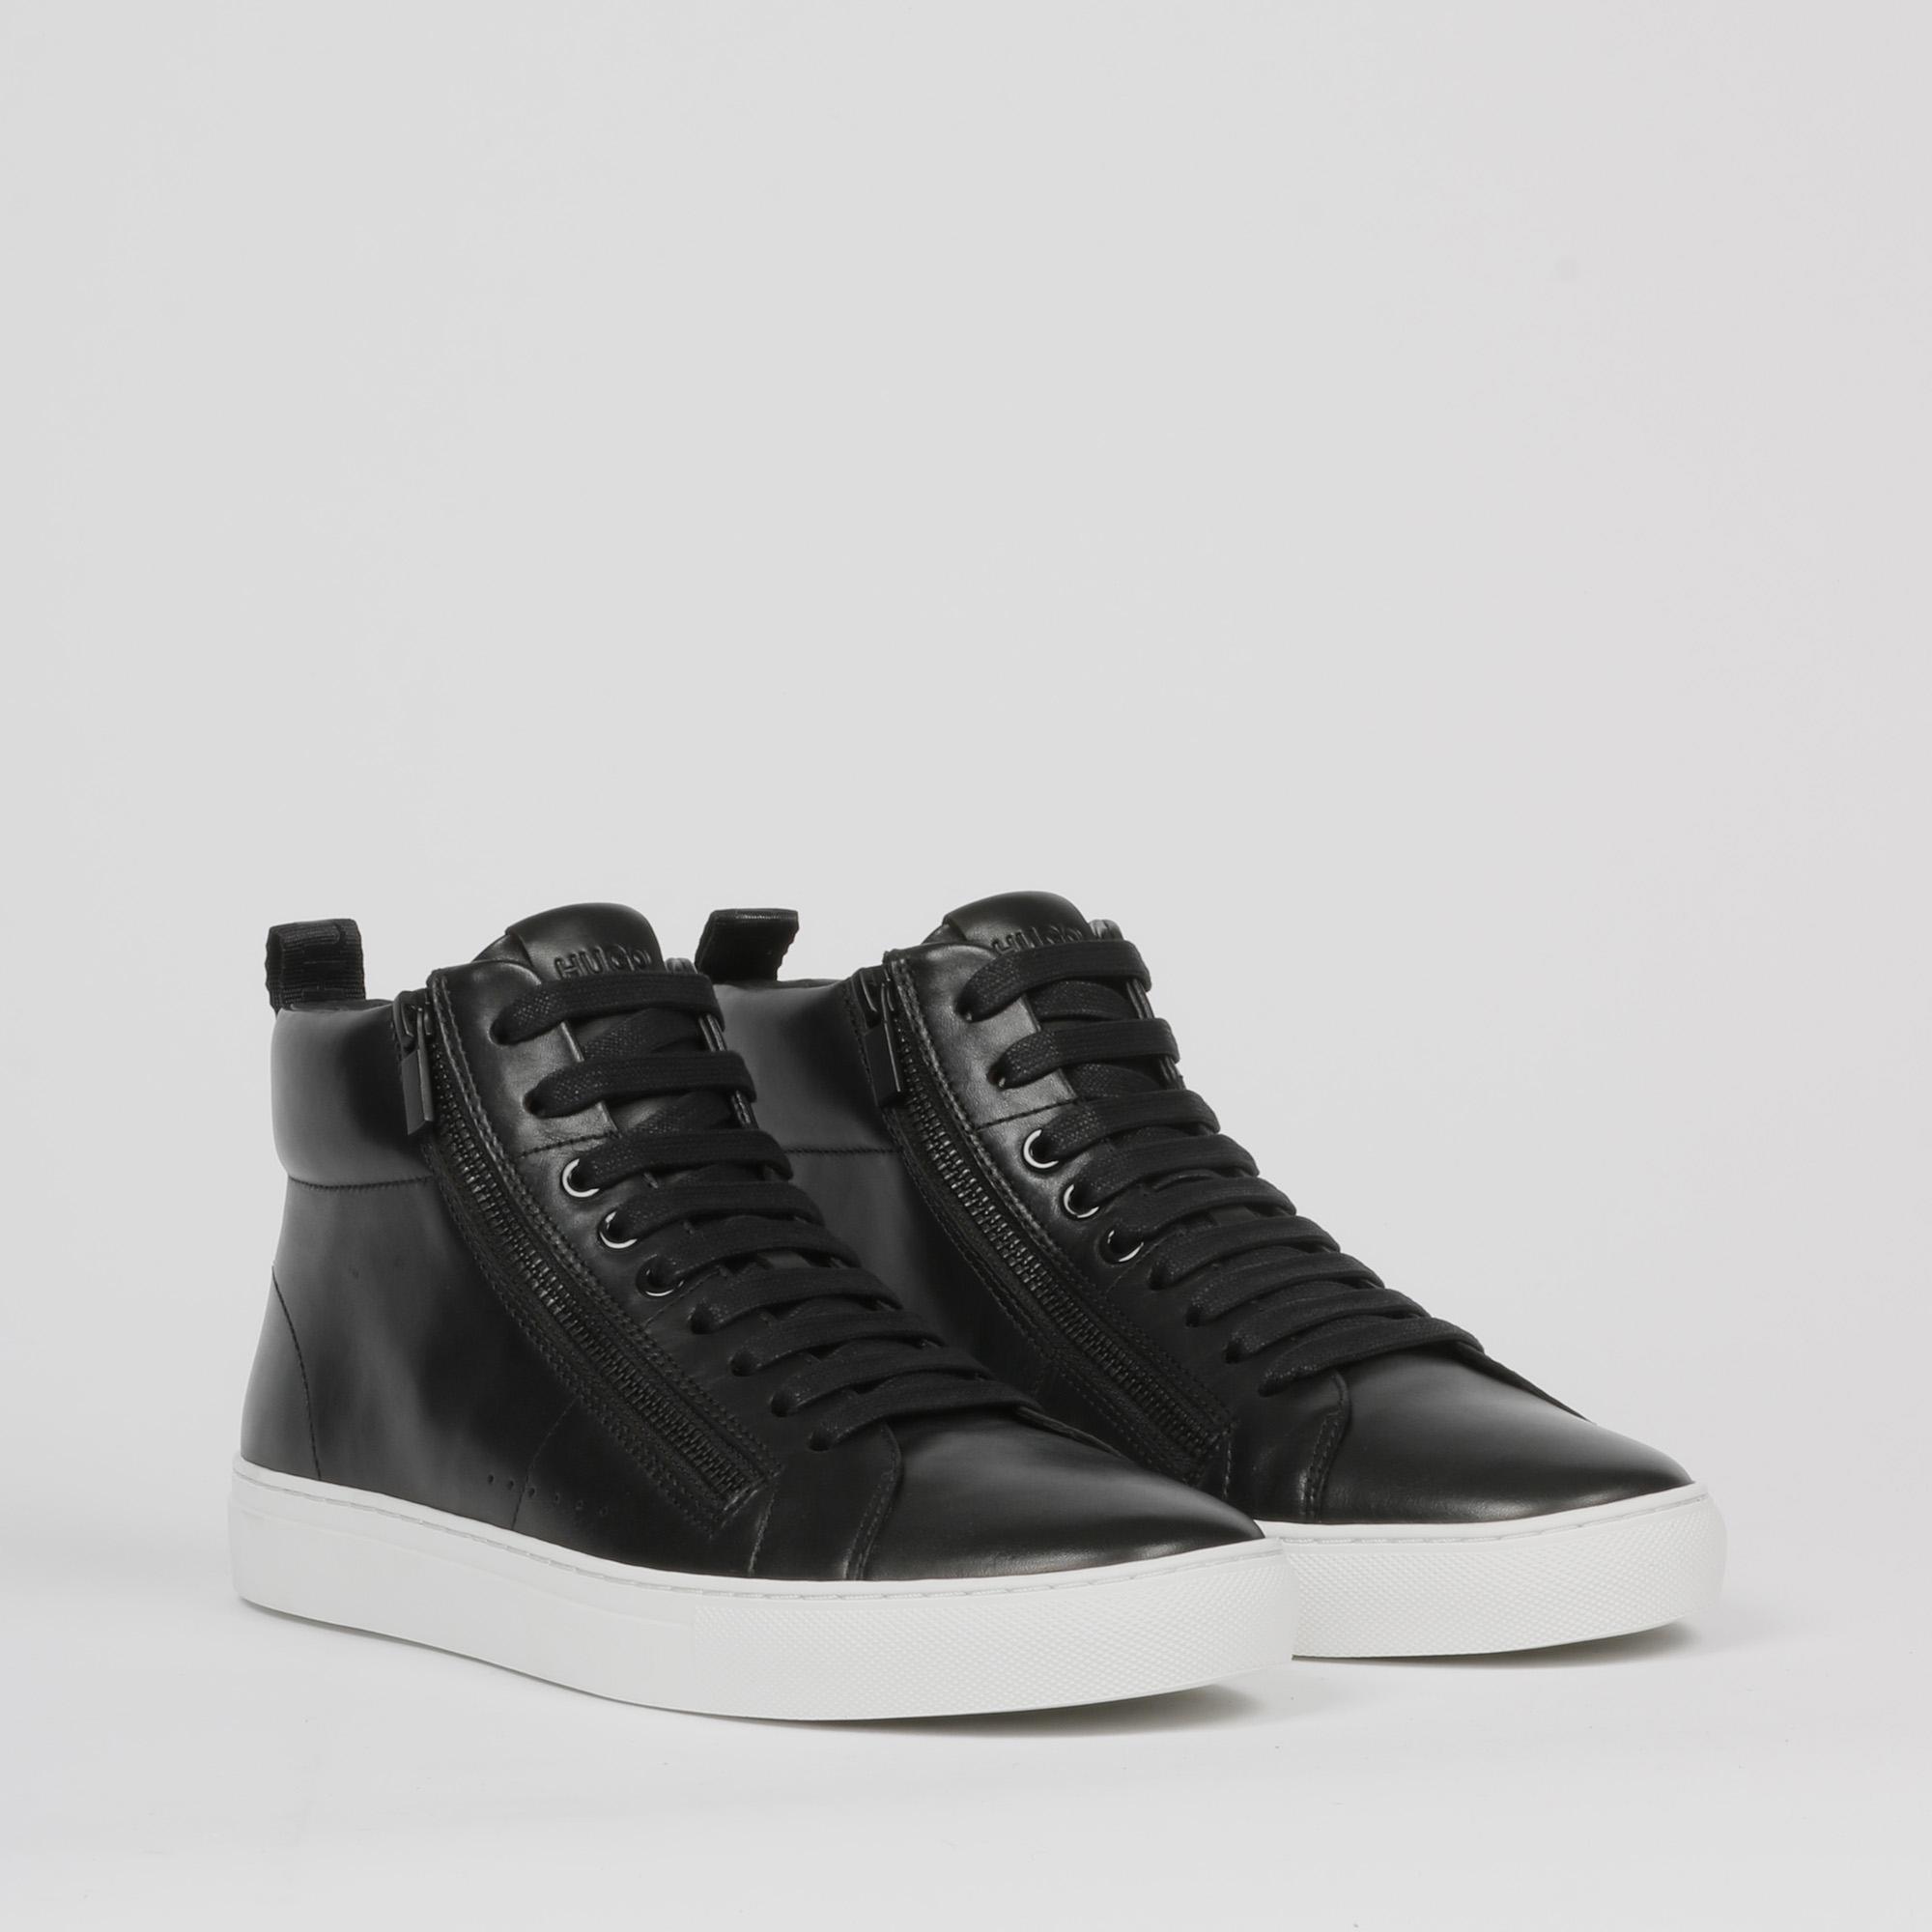 Sneakers futurism hito - Nero